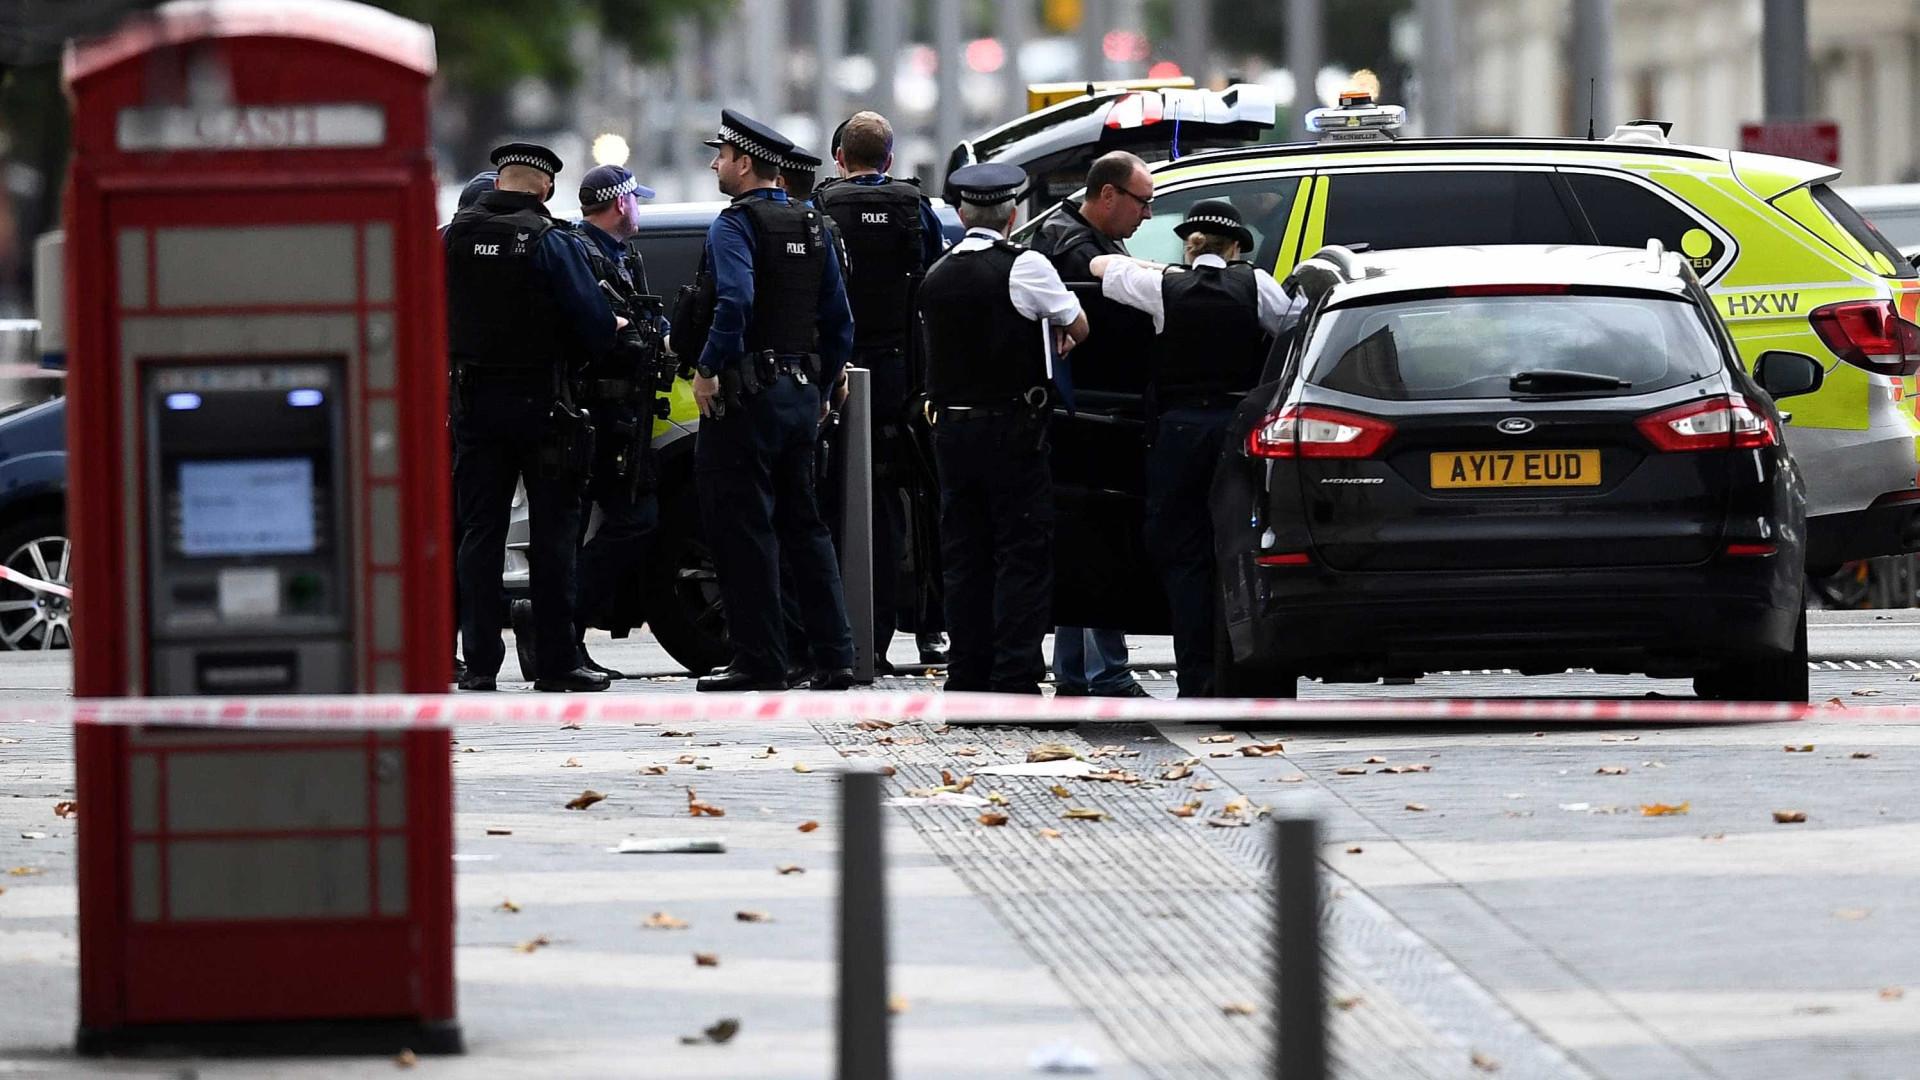 Carro atropela pessoas próximo a museu em Londres